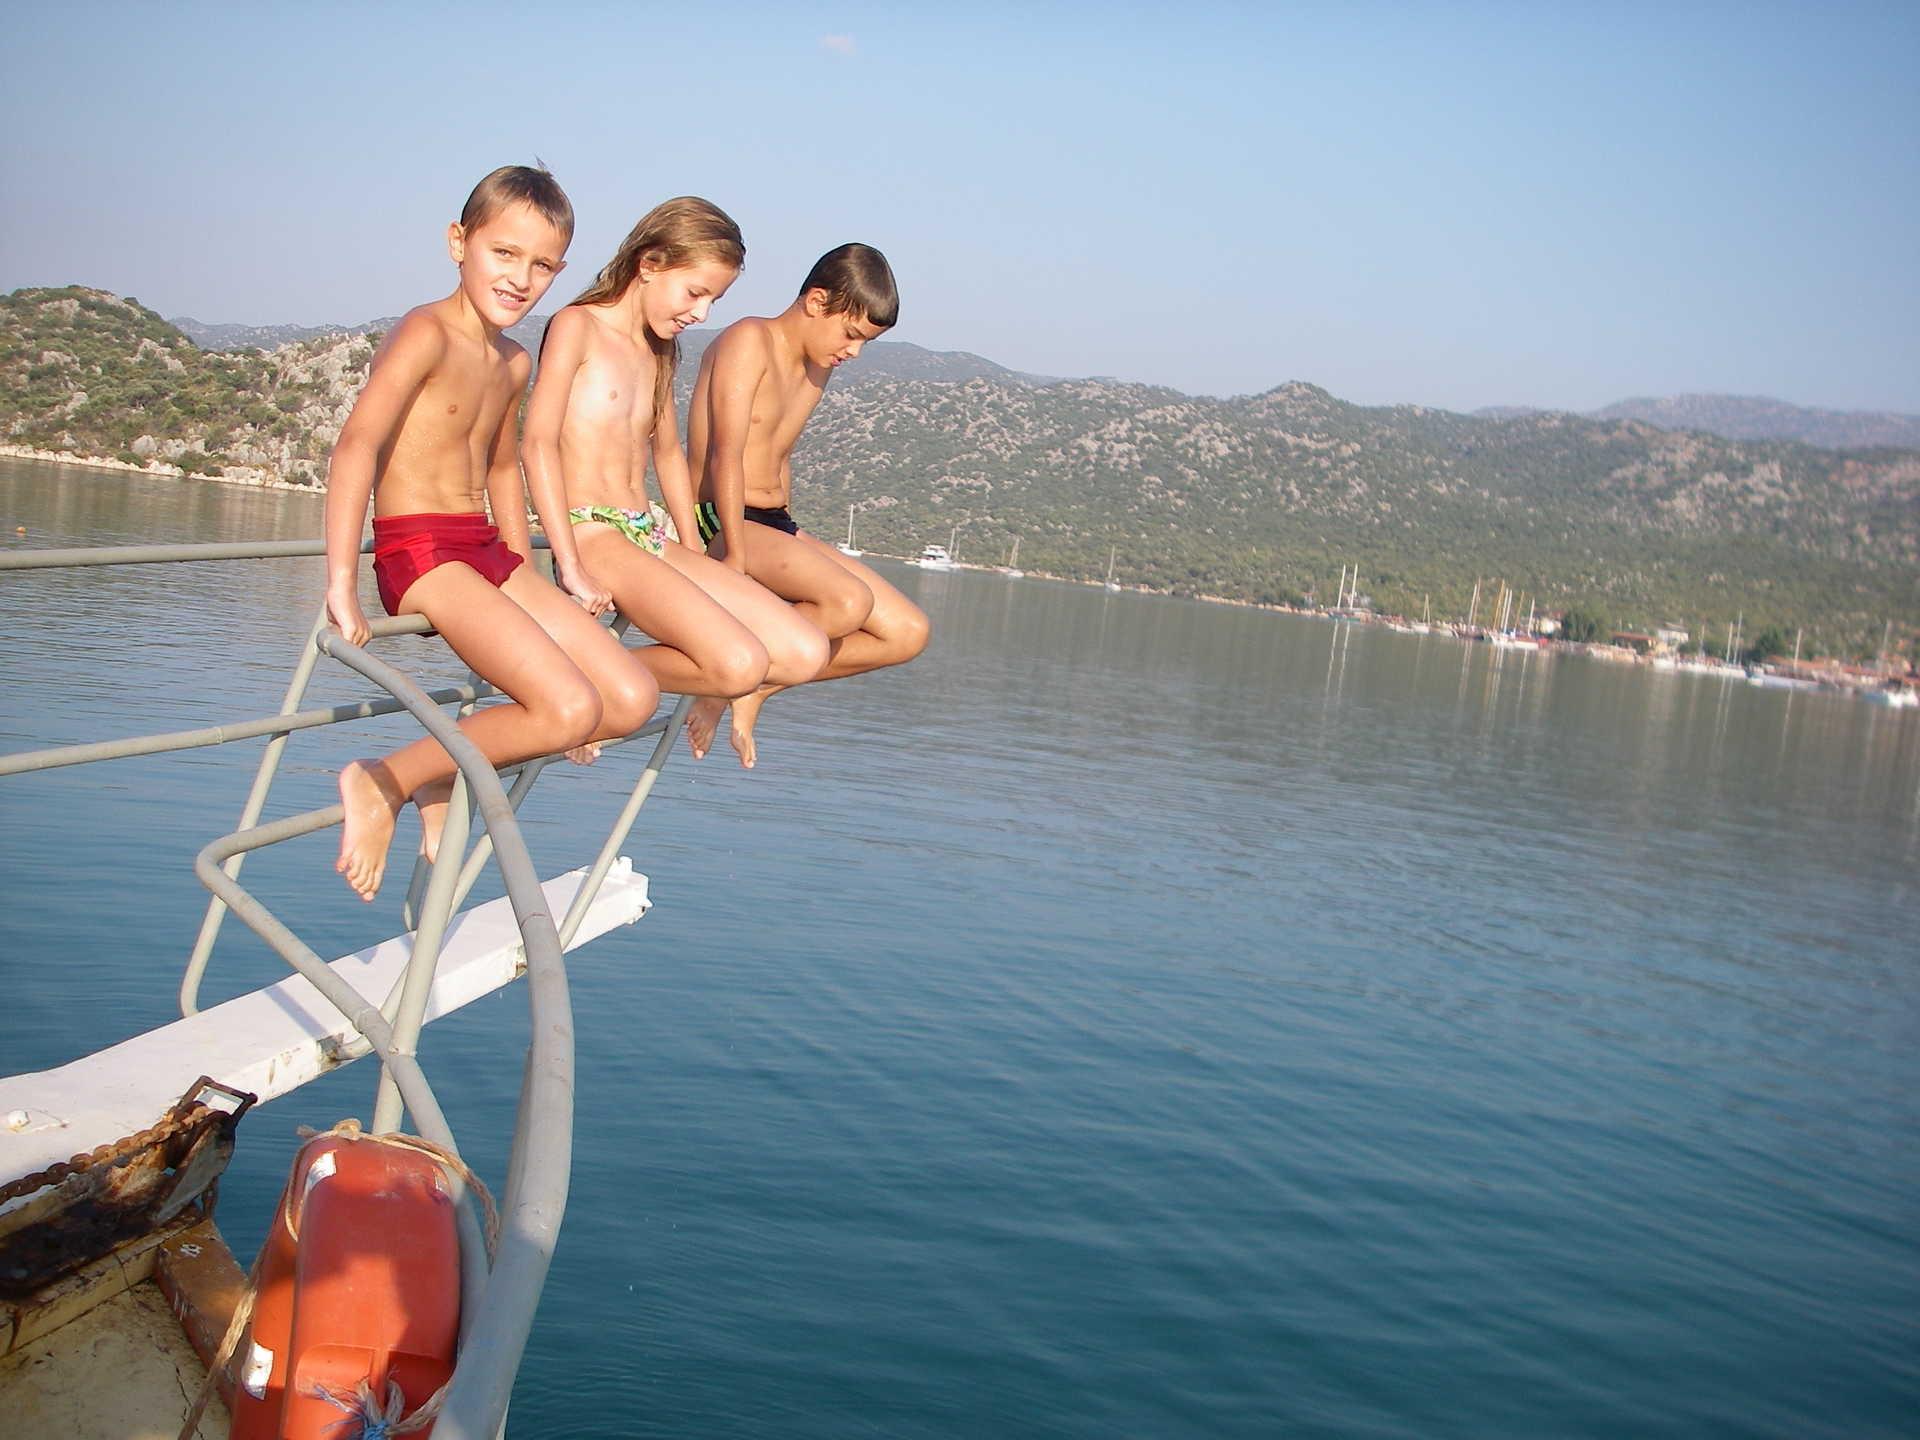 Enfants assis sur le pont avant d'un bateau au milieu de la mer